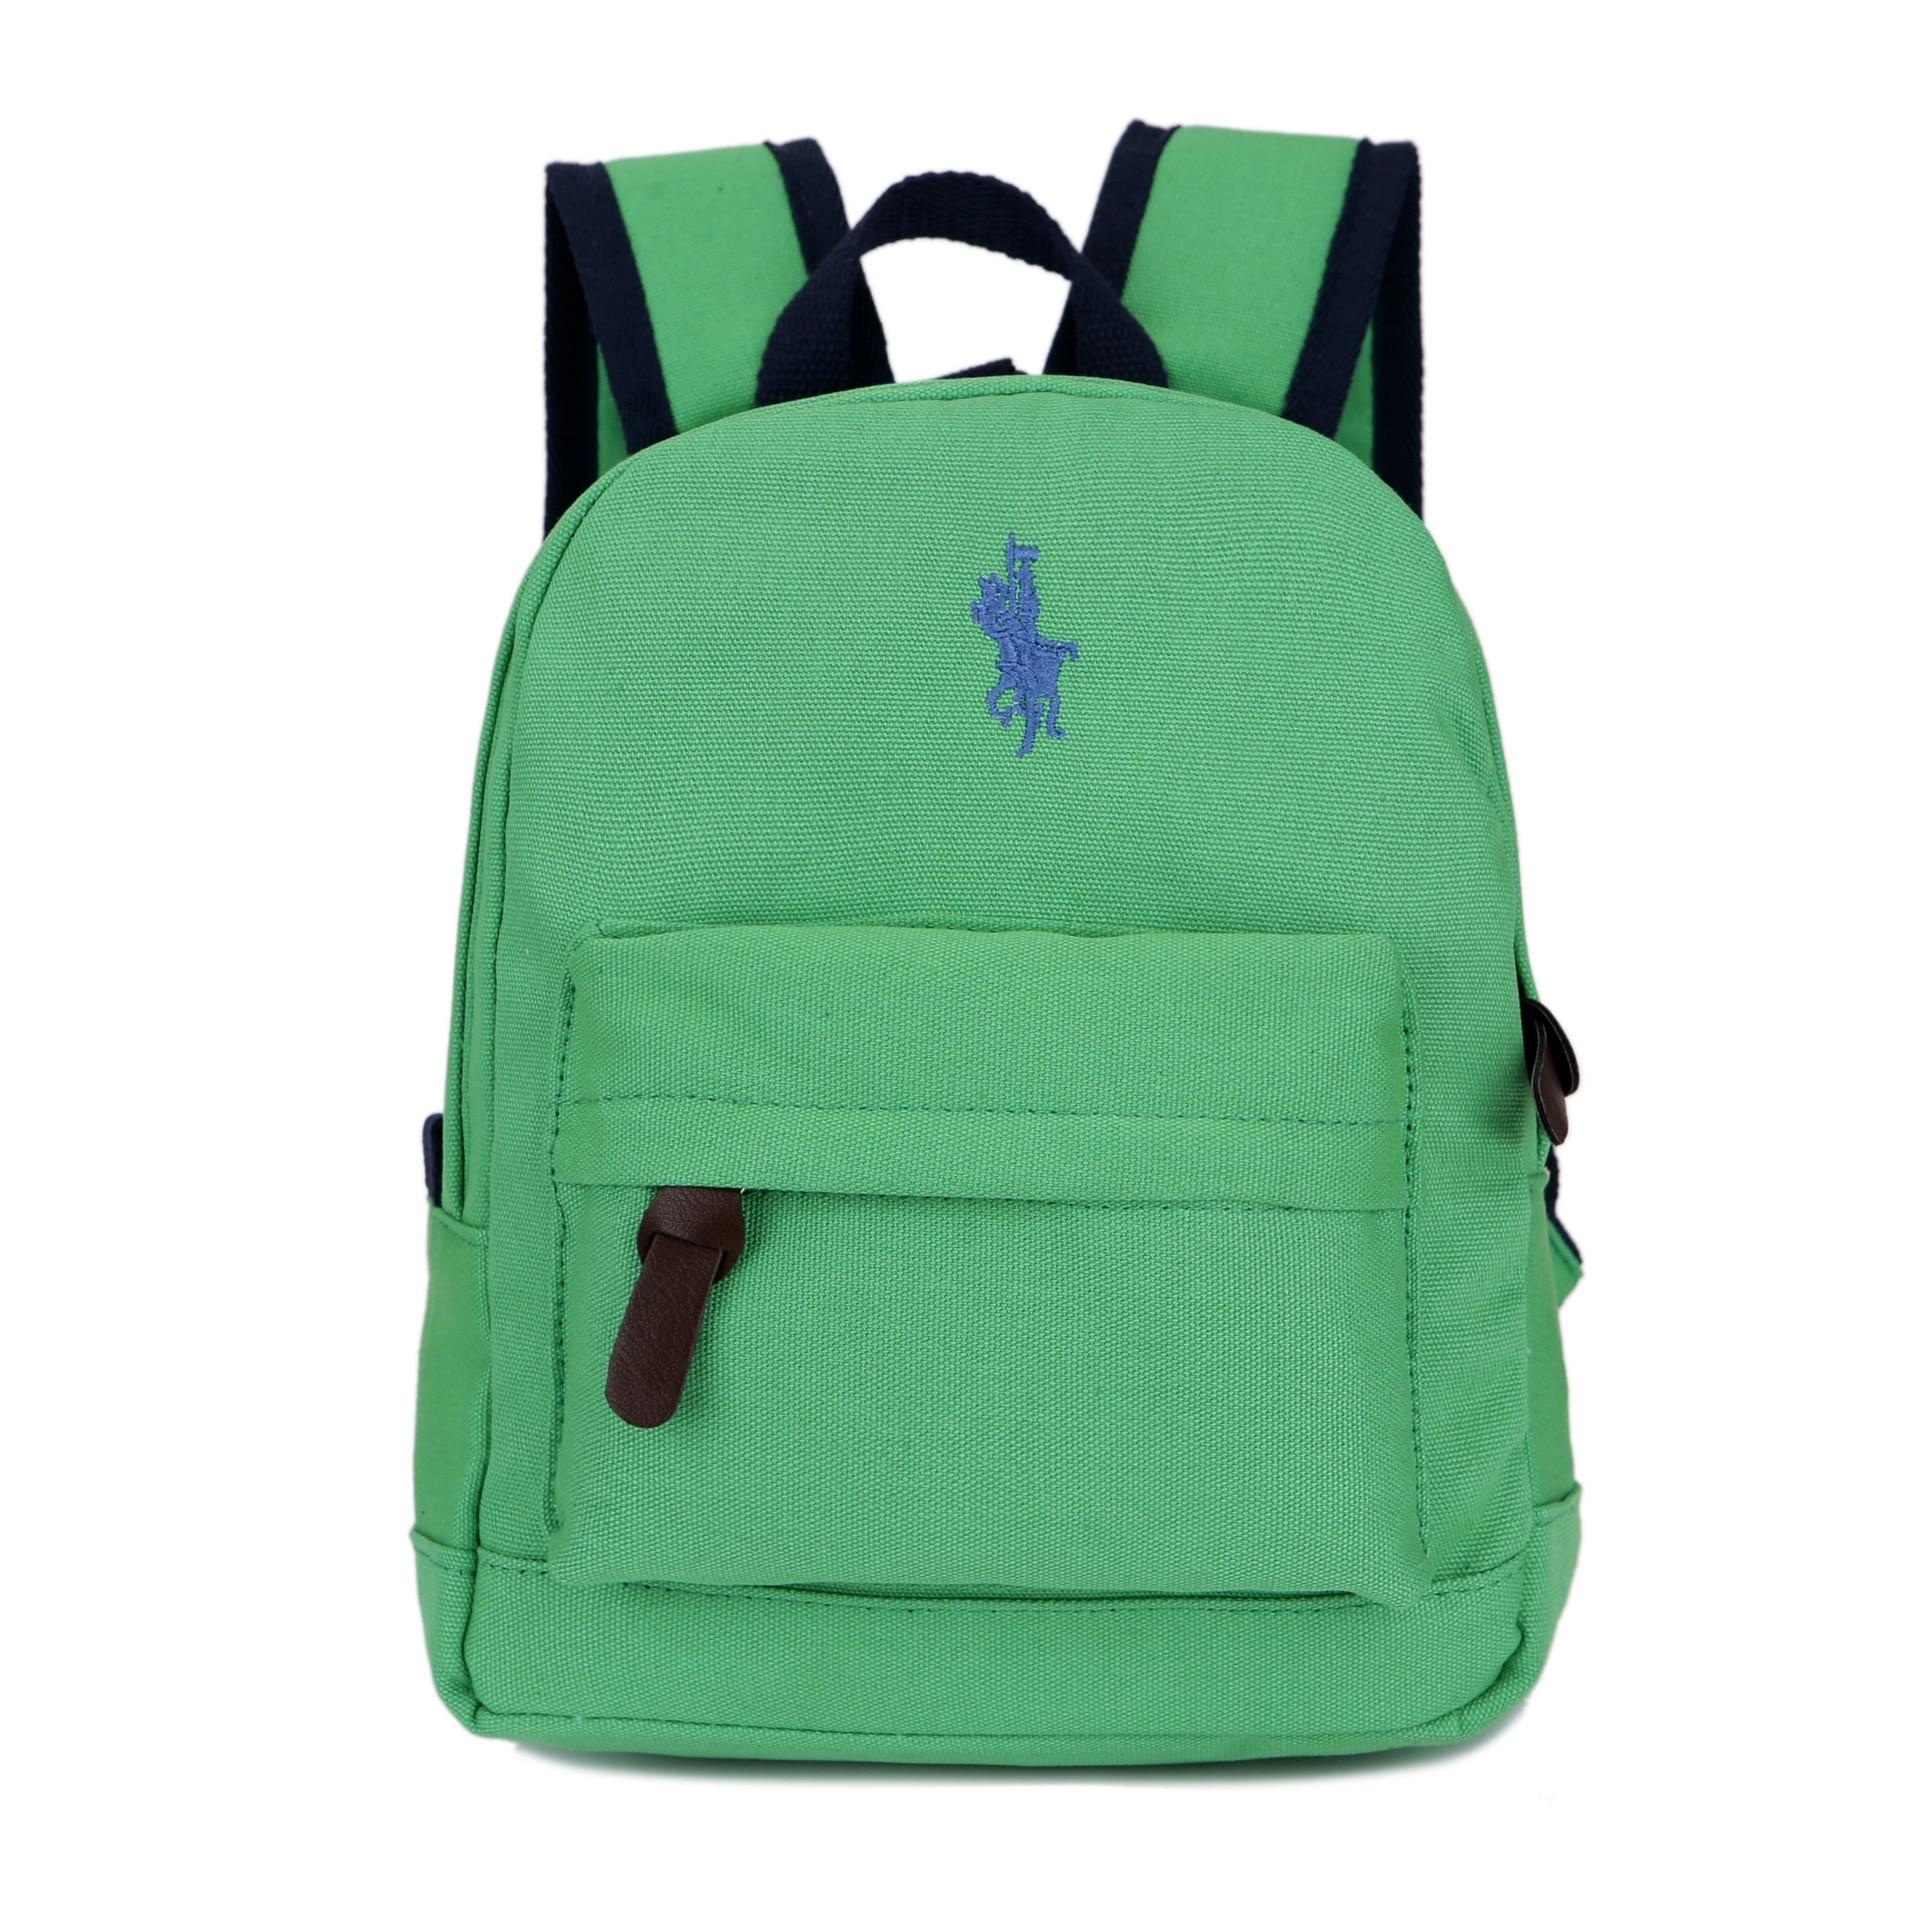 Aliexpress.com : Buy Backpack For Children Kindergarten ...